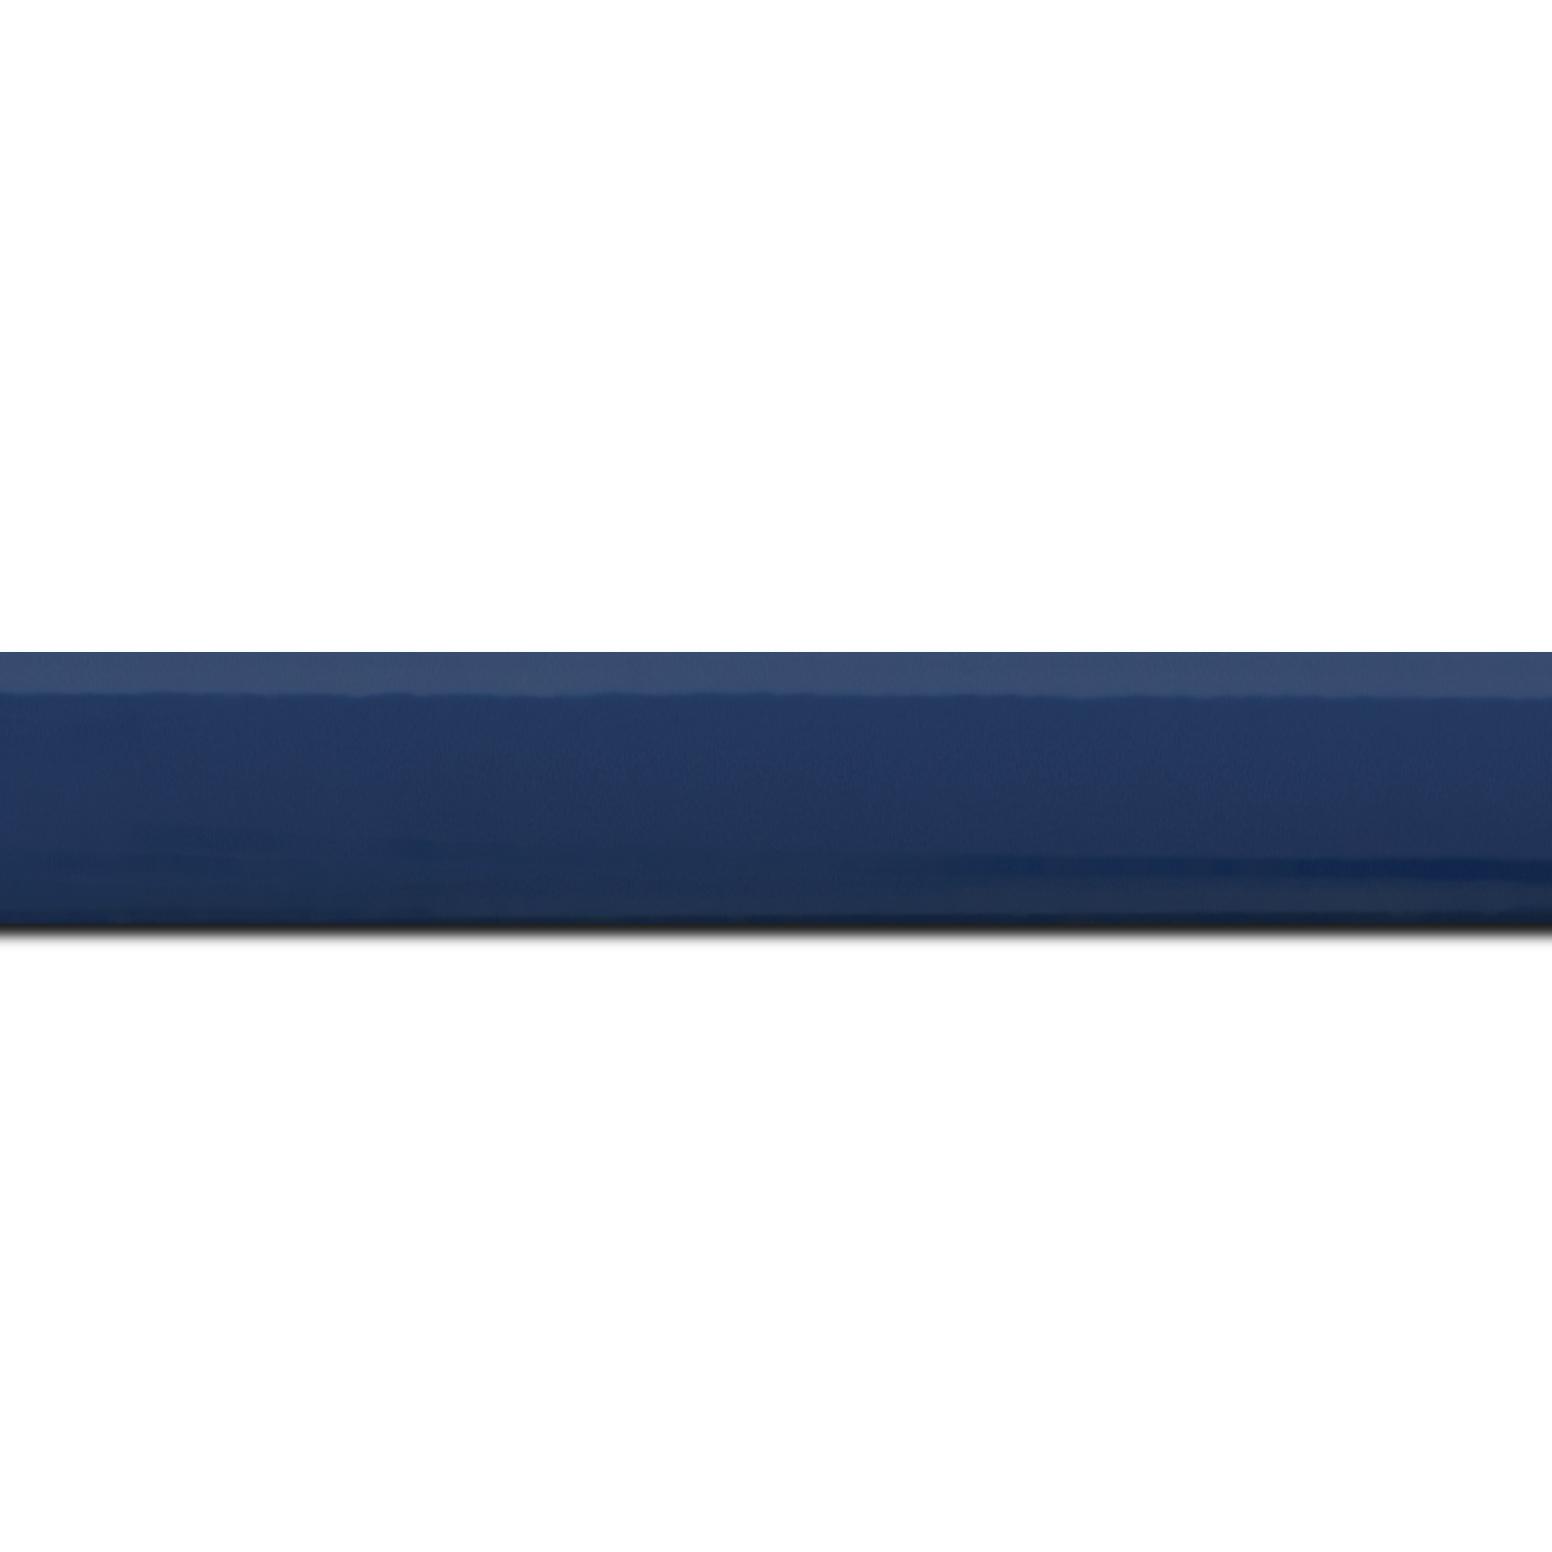 Cadre bleu ou bleu turquoise 30x30 pas cher cadre photo - Cadre 30x30 pas cher ...